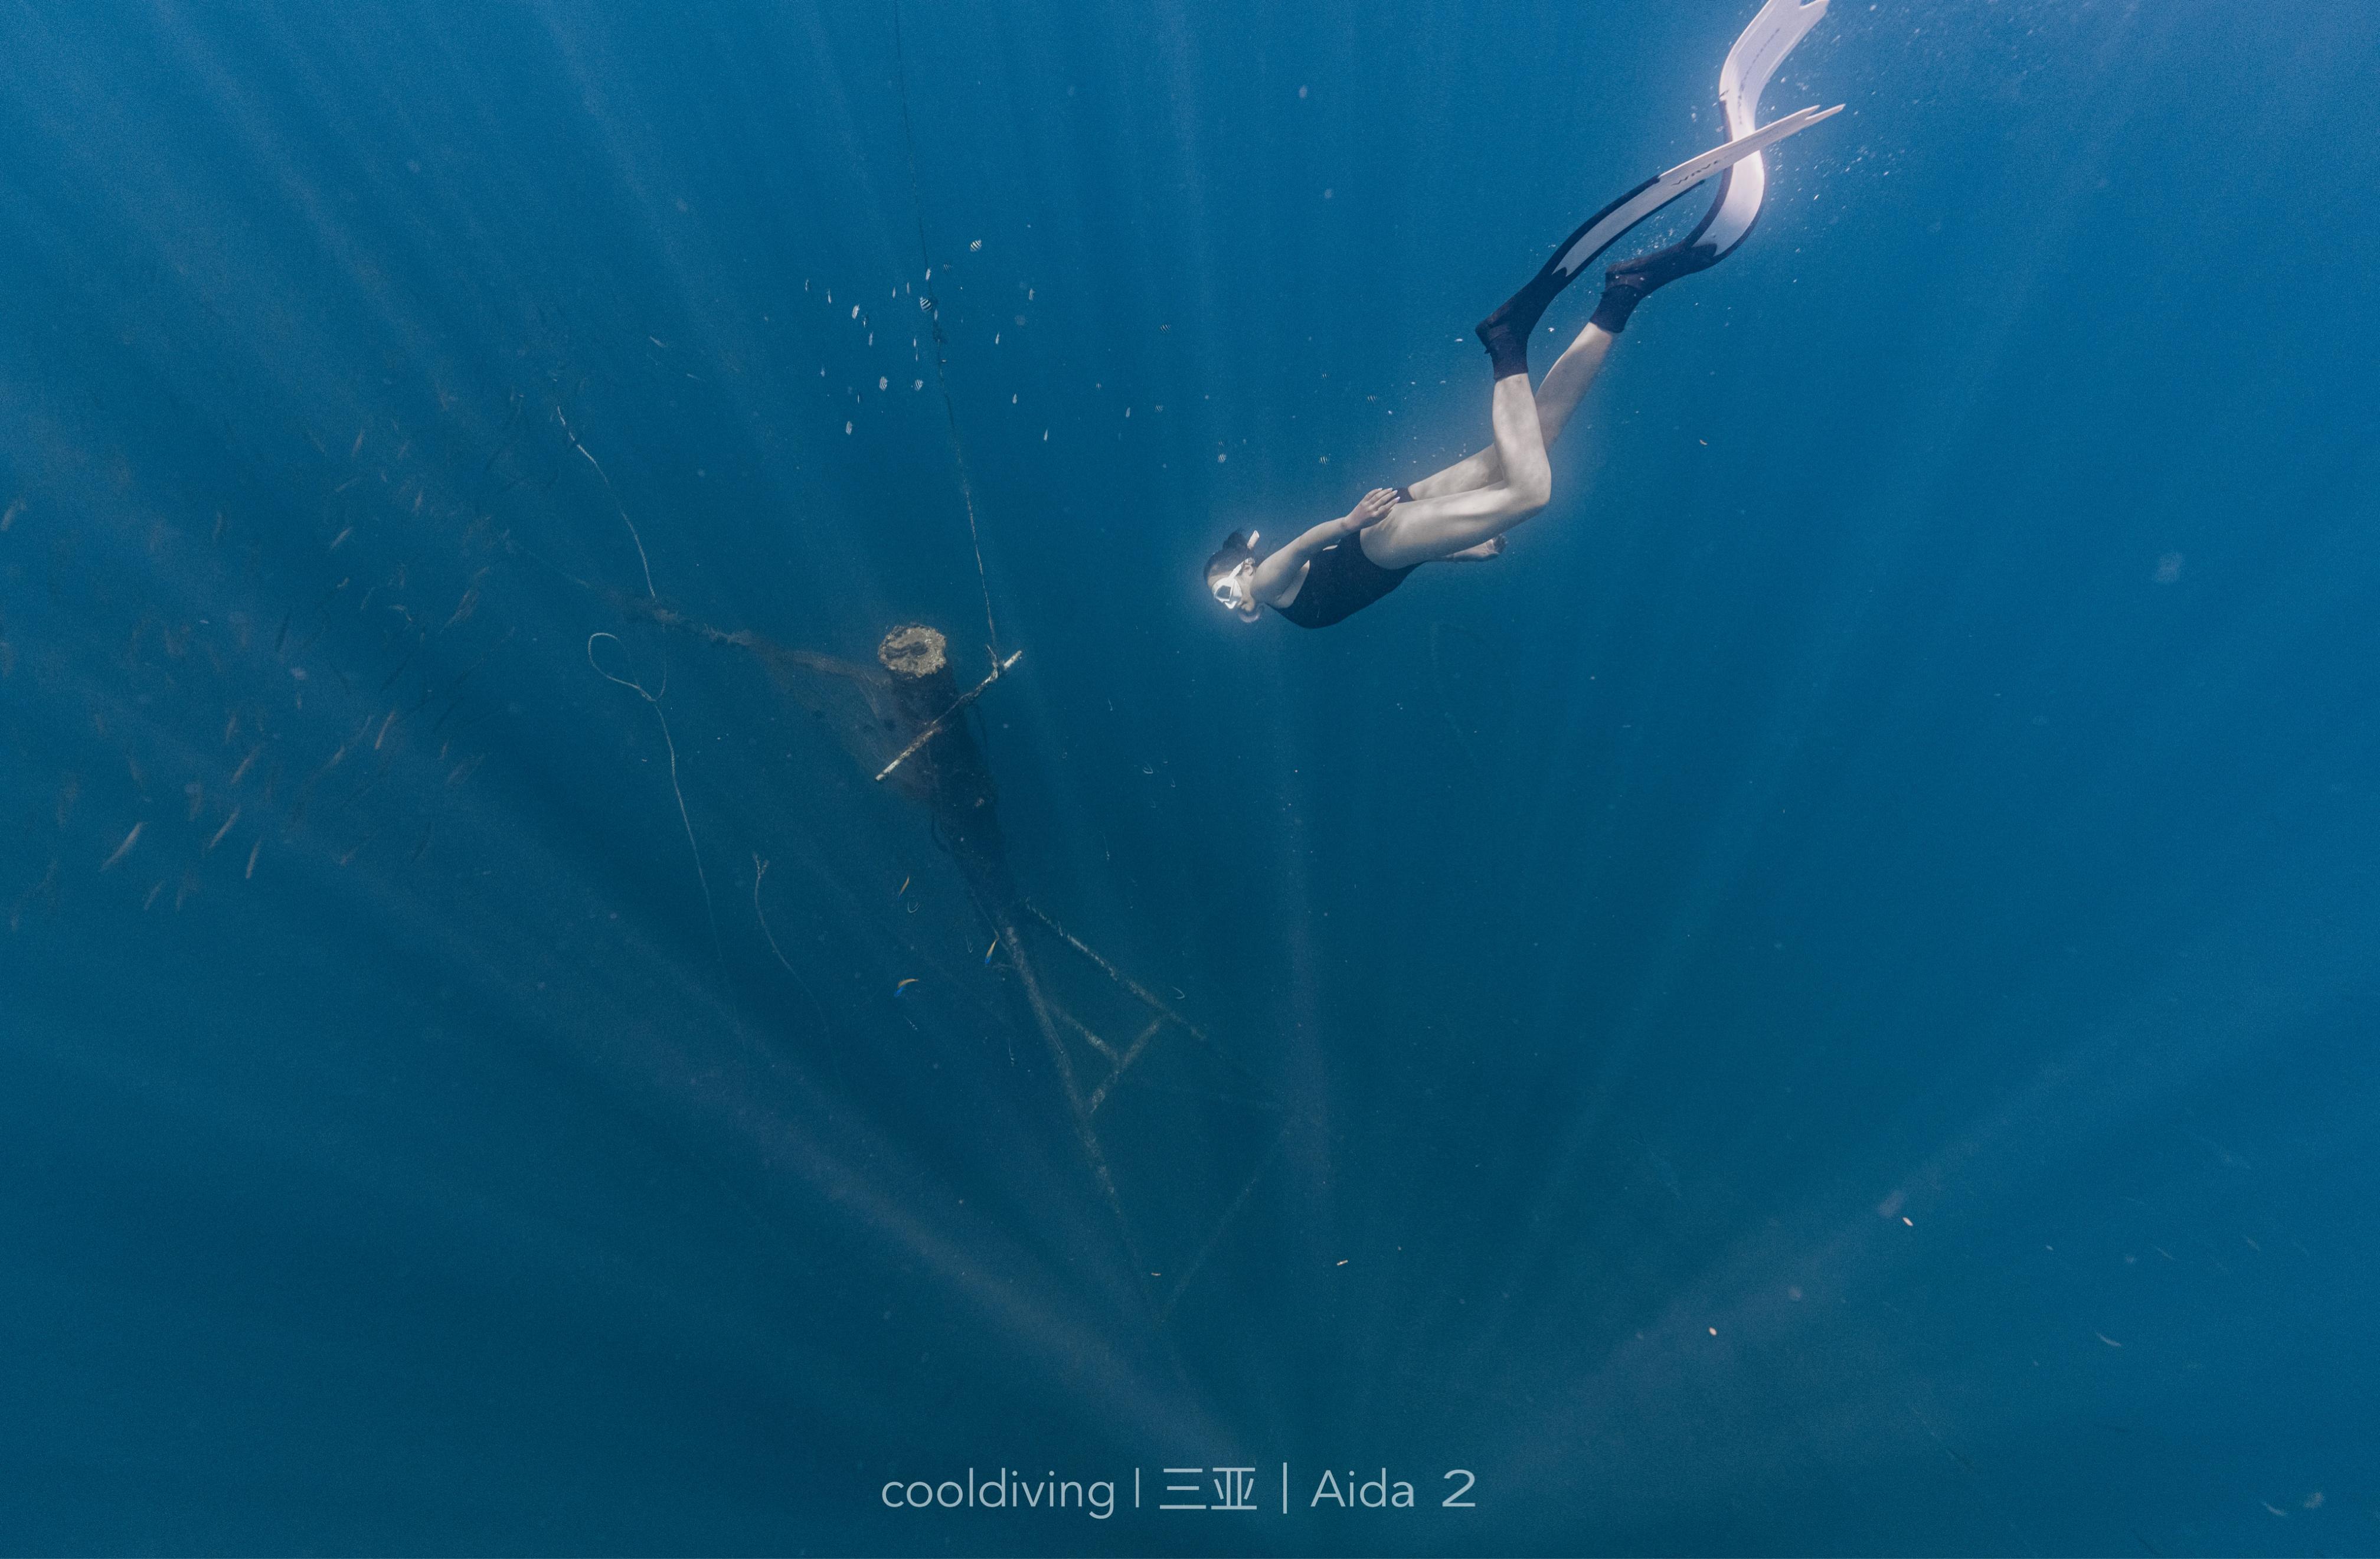 自由潜拍照,深度测验,AIDA课程